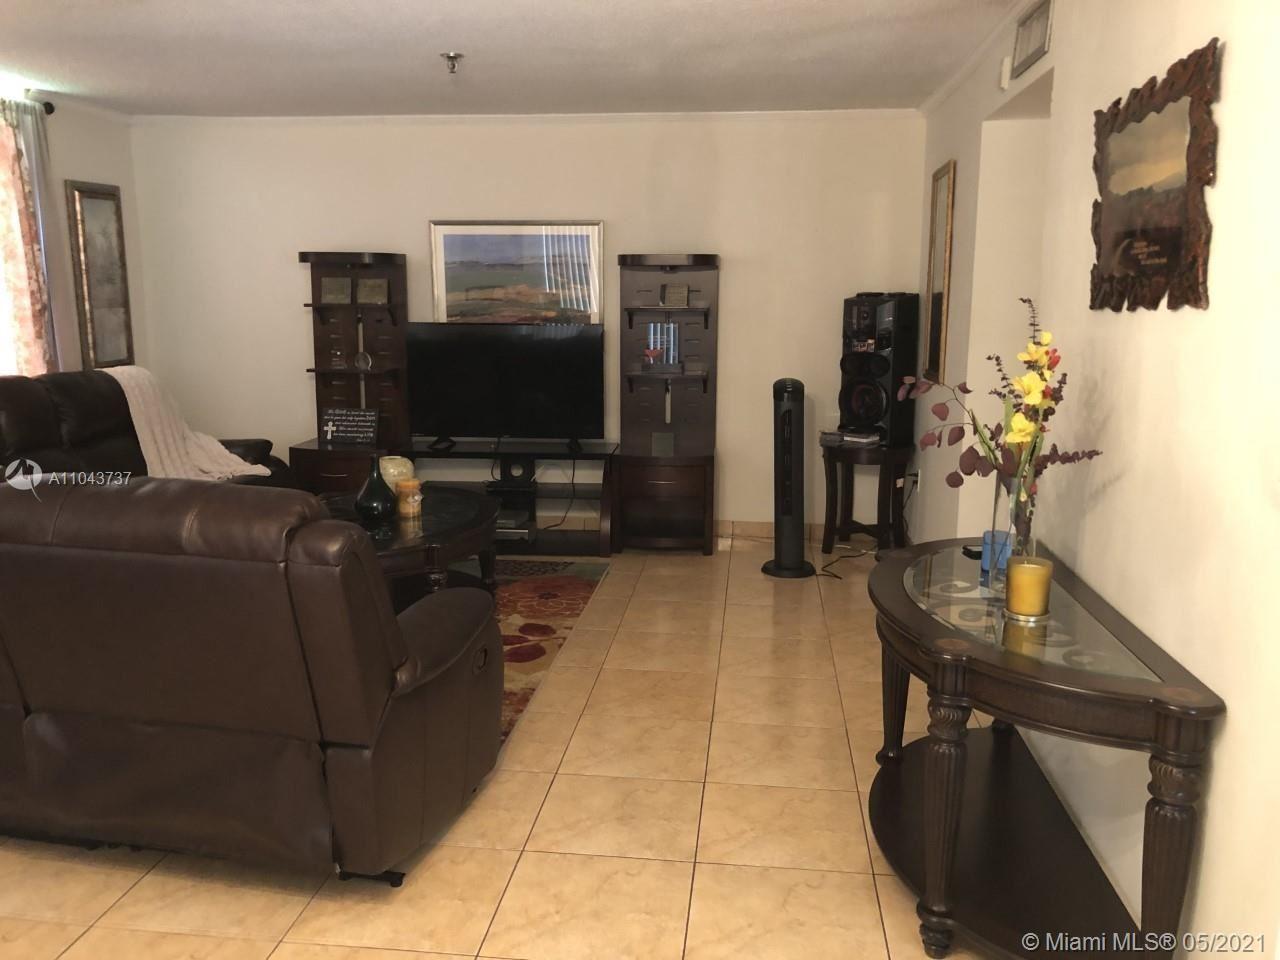 Photo of 671 NE 195th St #402E, Miami, FL 33179 (MLS # A11043737)